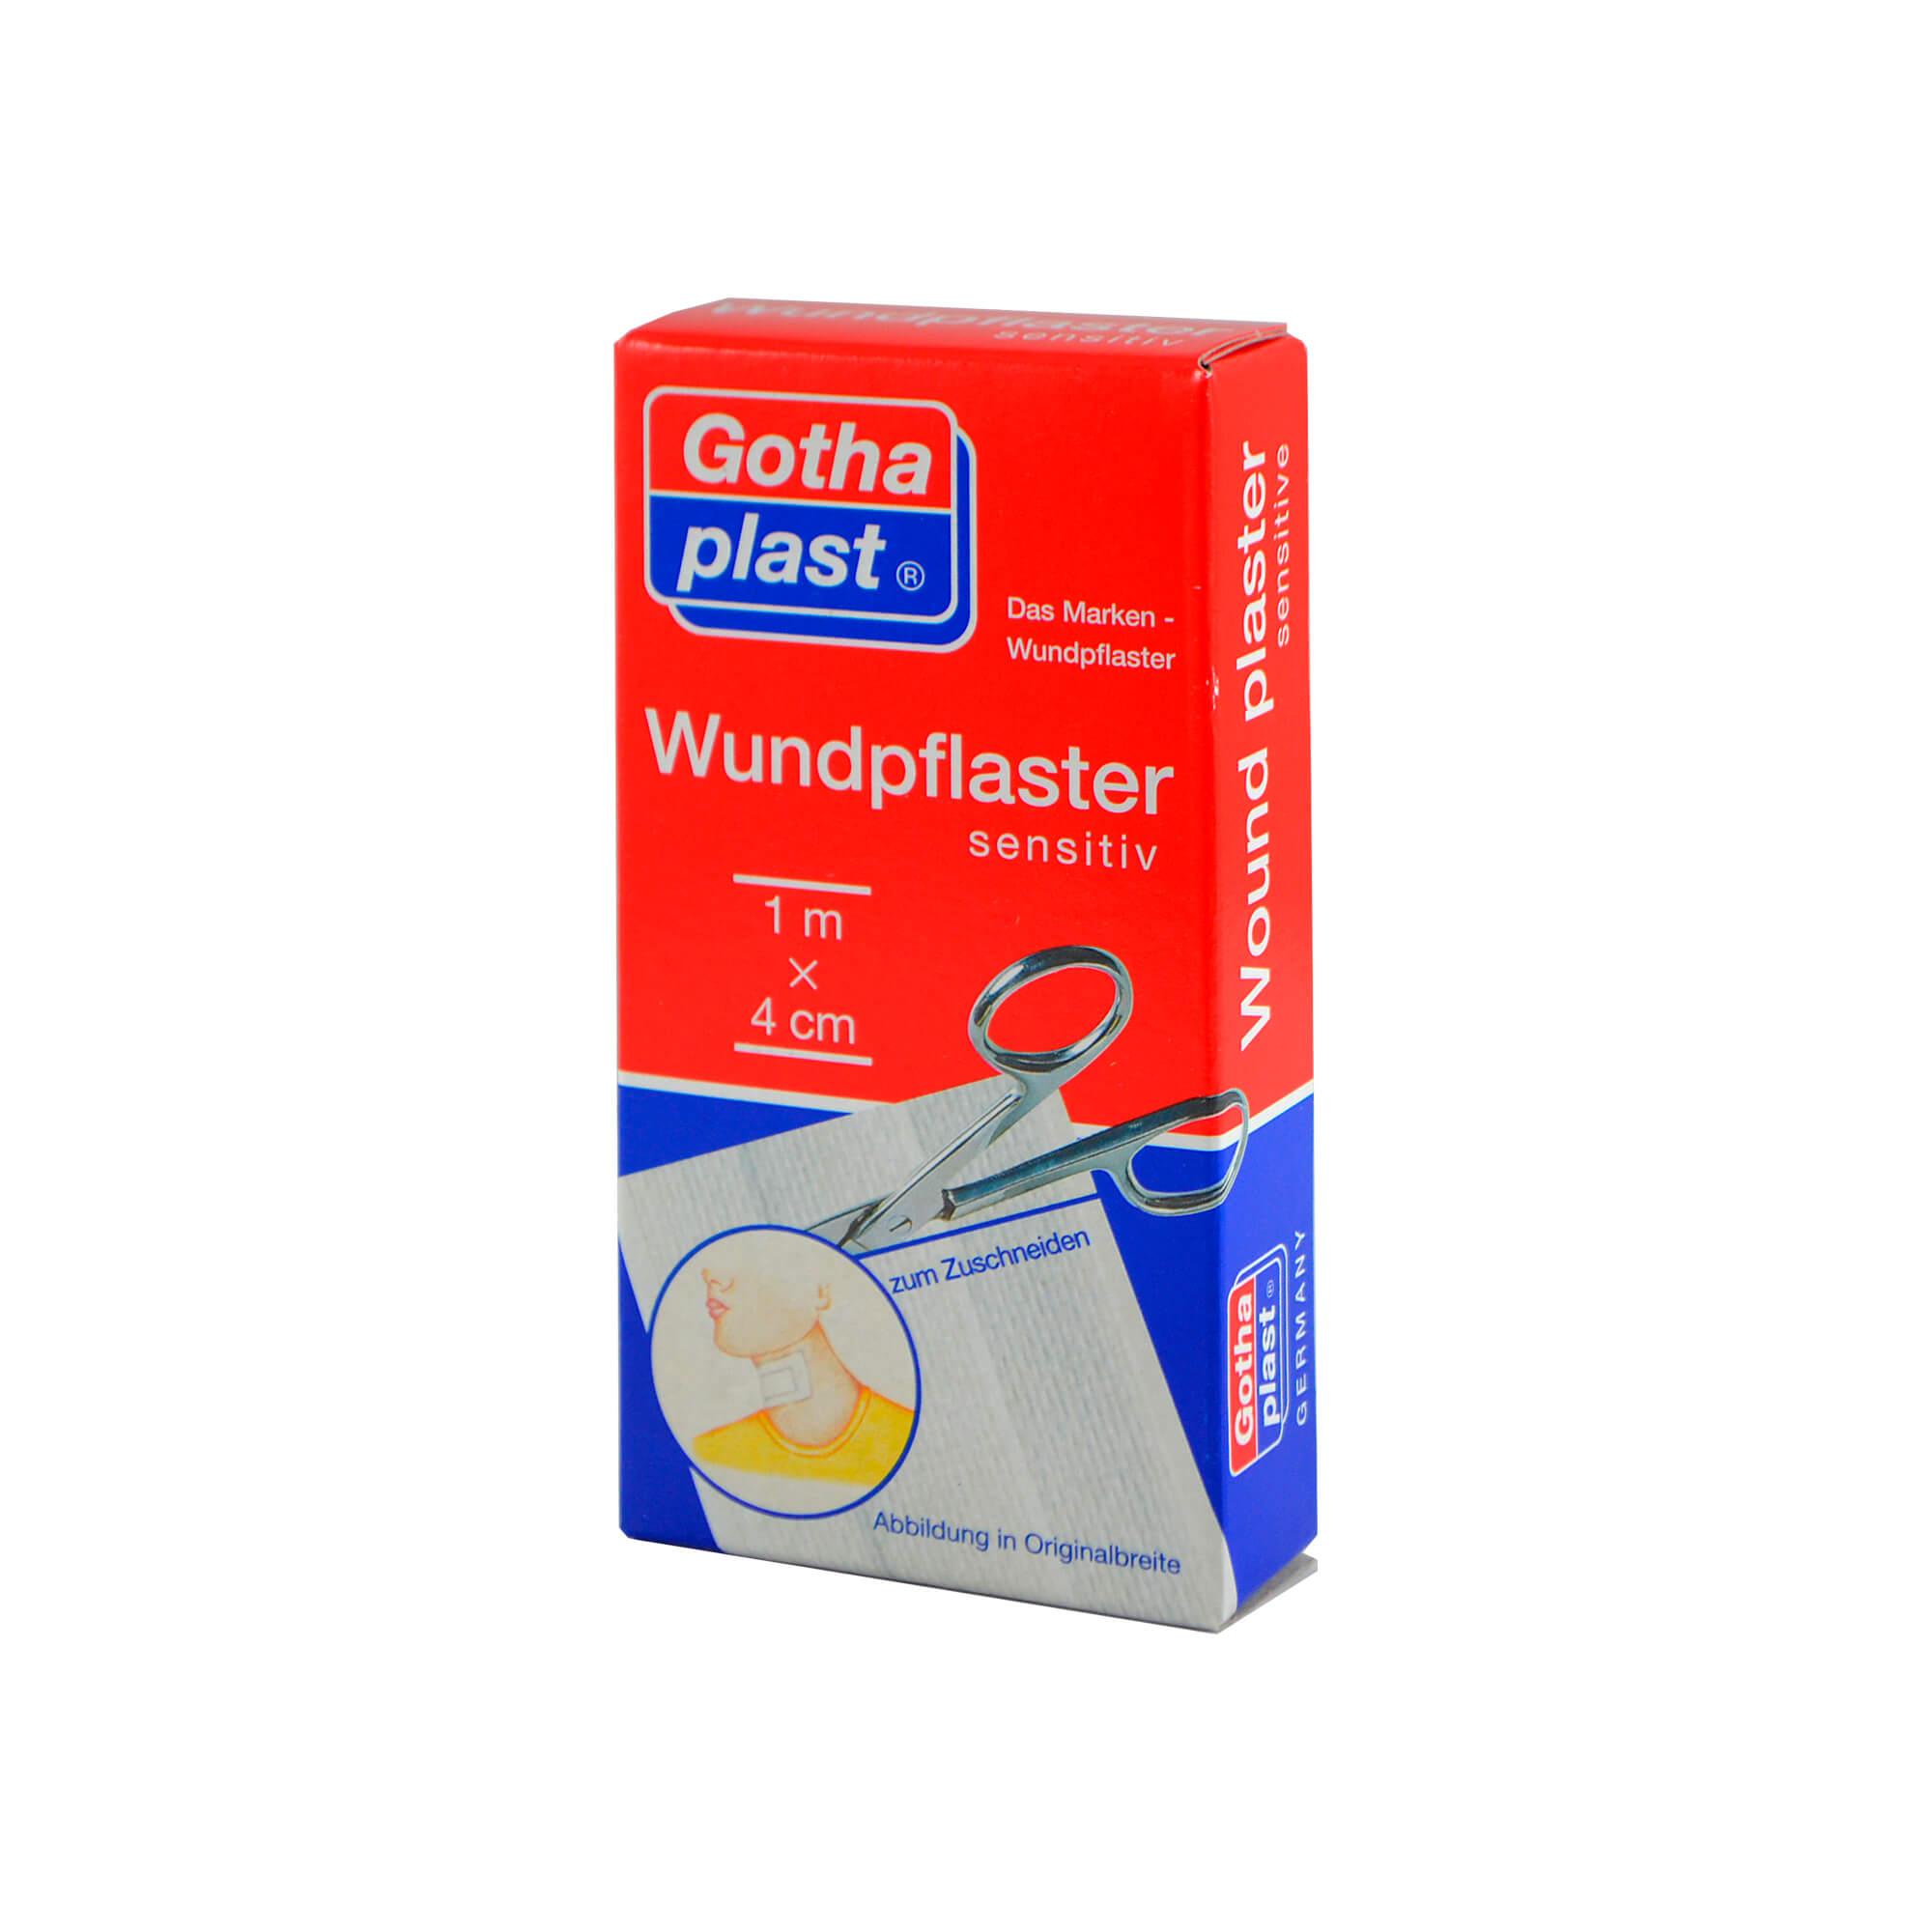 Gothaplast Wundpflaster sensitiv 4 cmx1 m geschnitten